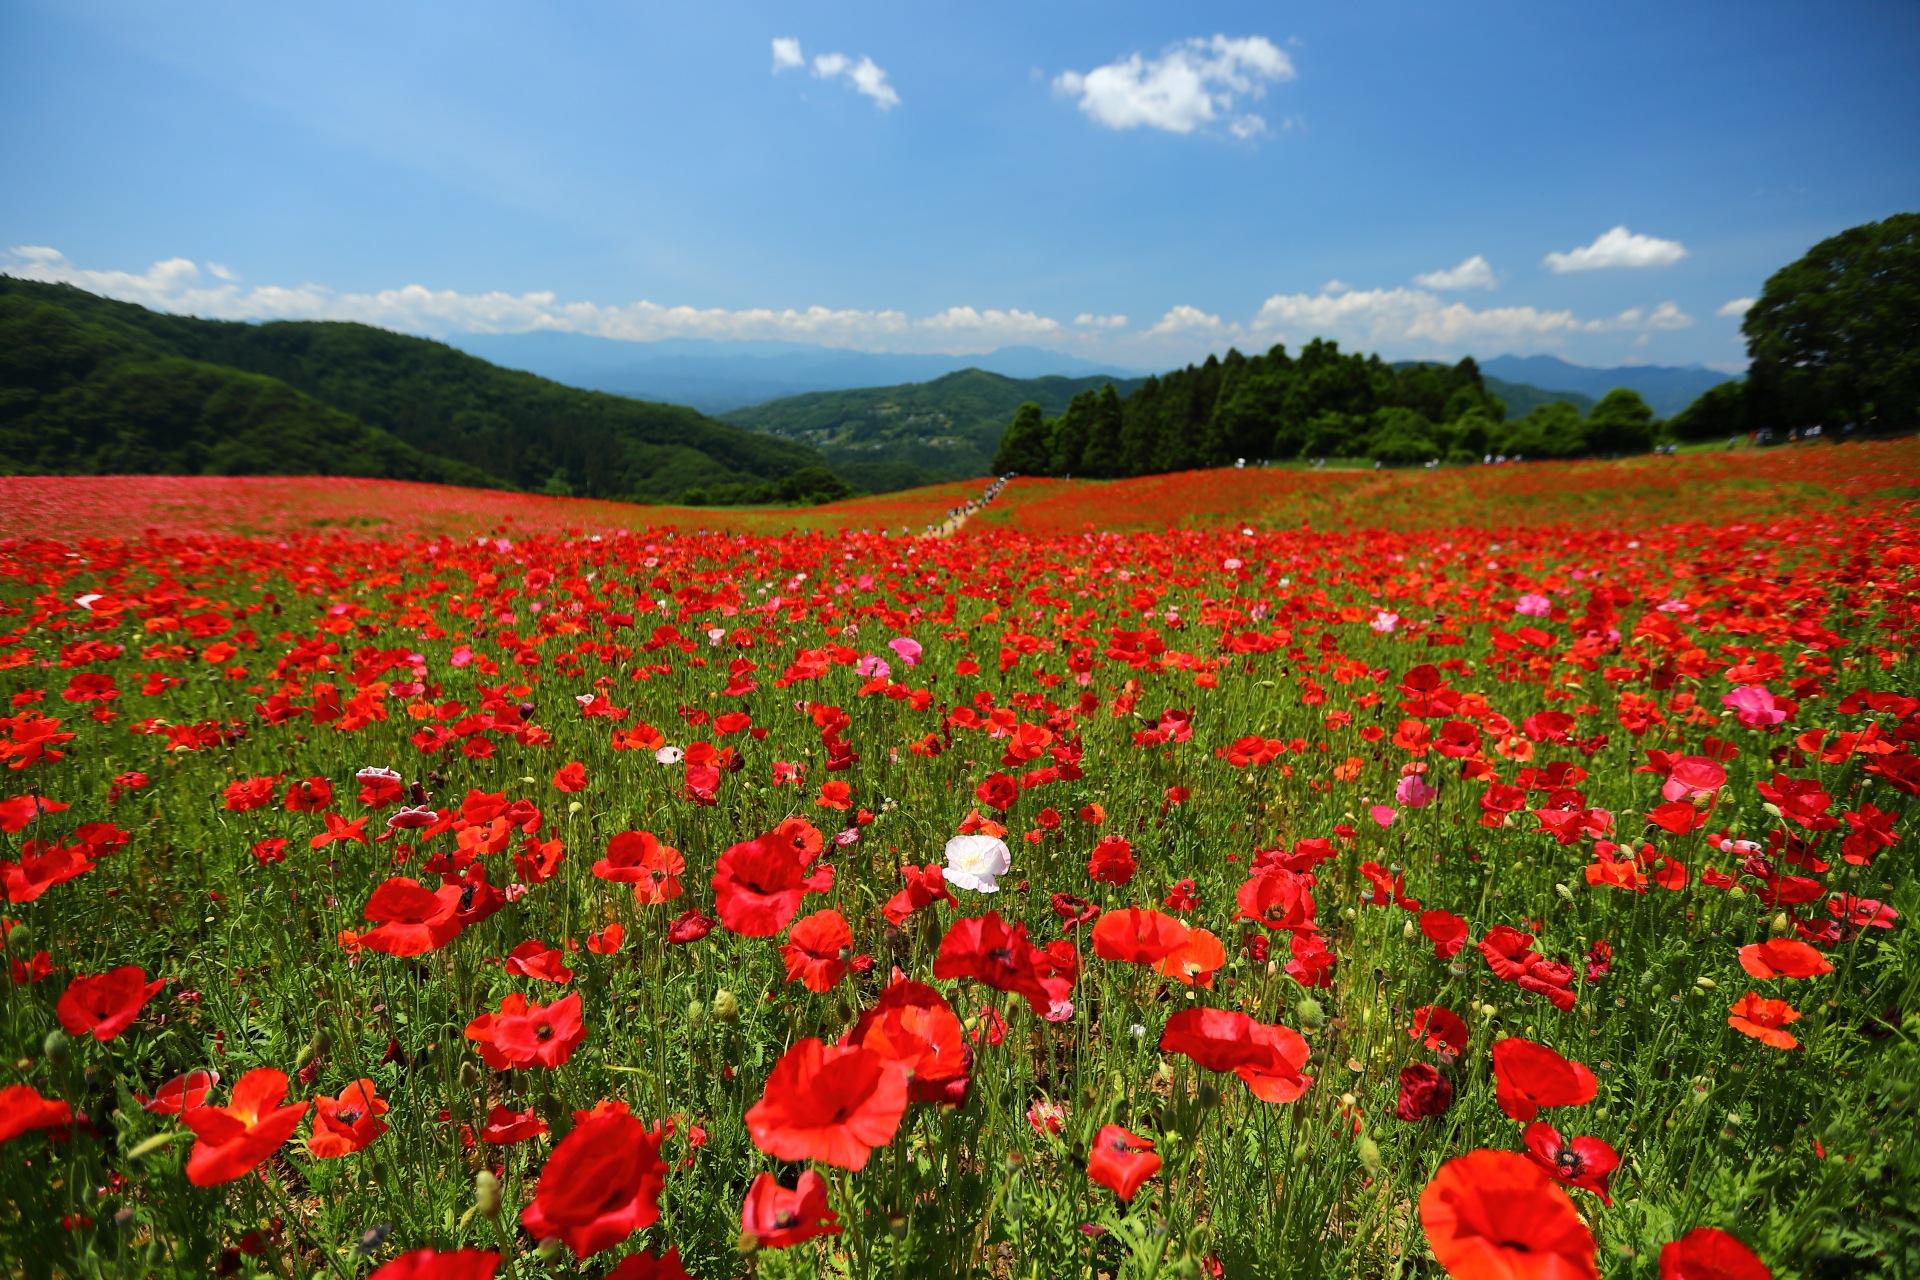 Poppy Landscape by takashi.mizoguchi